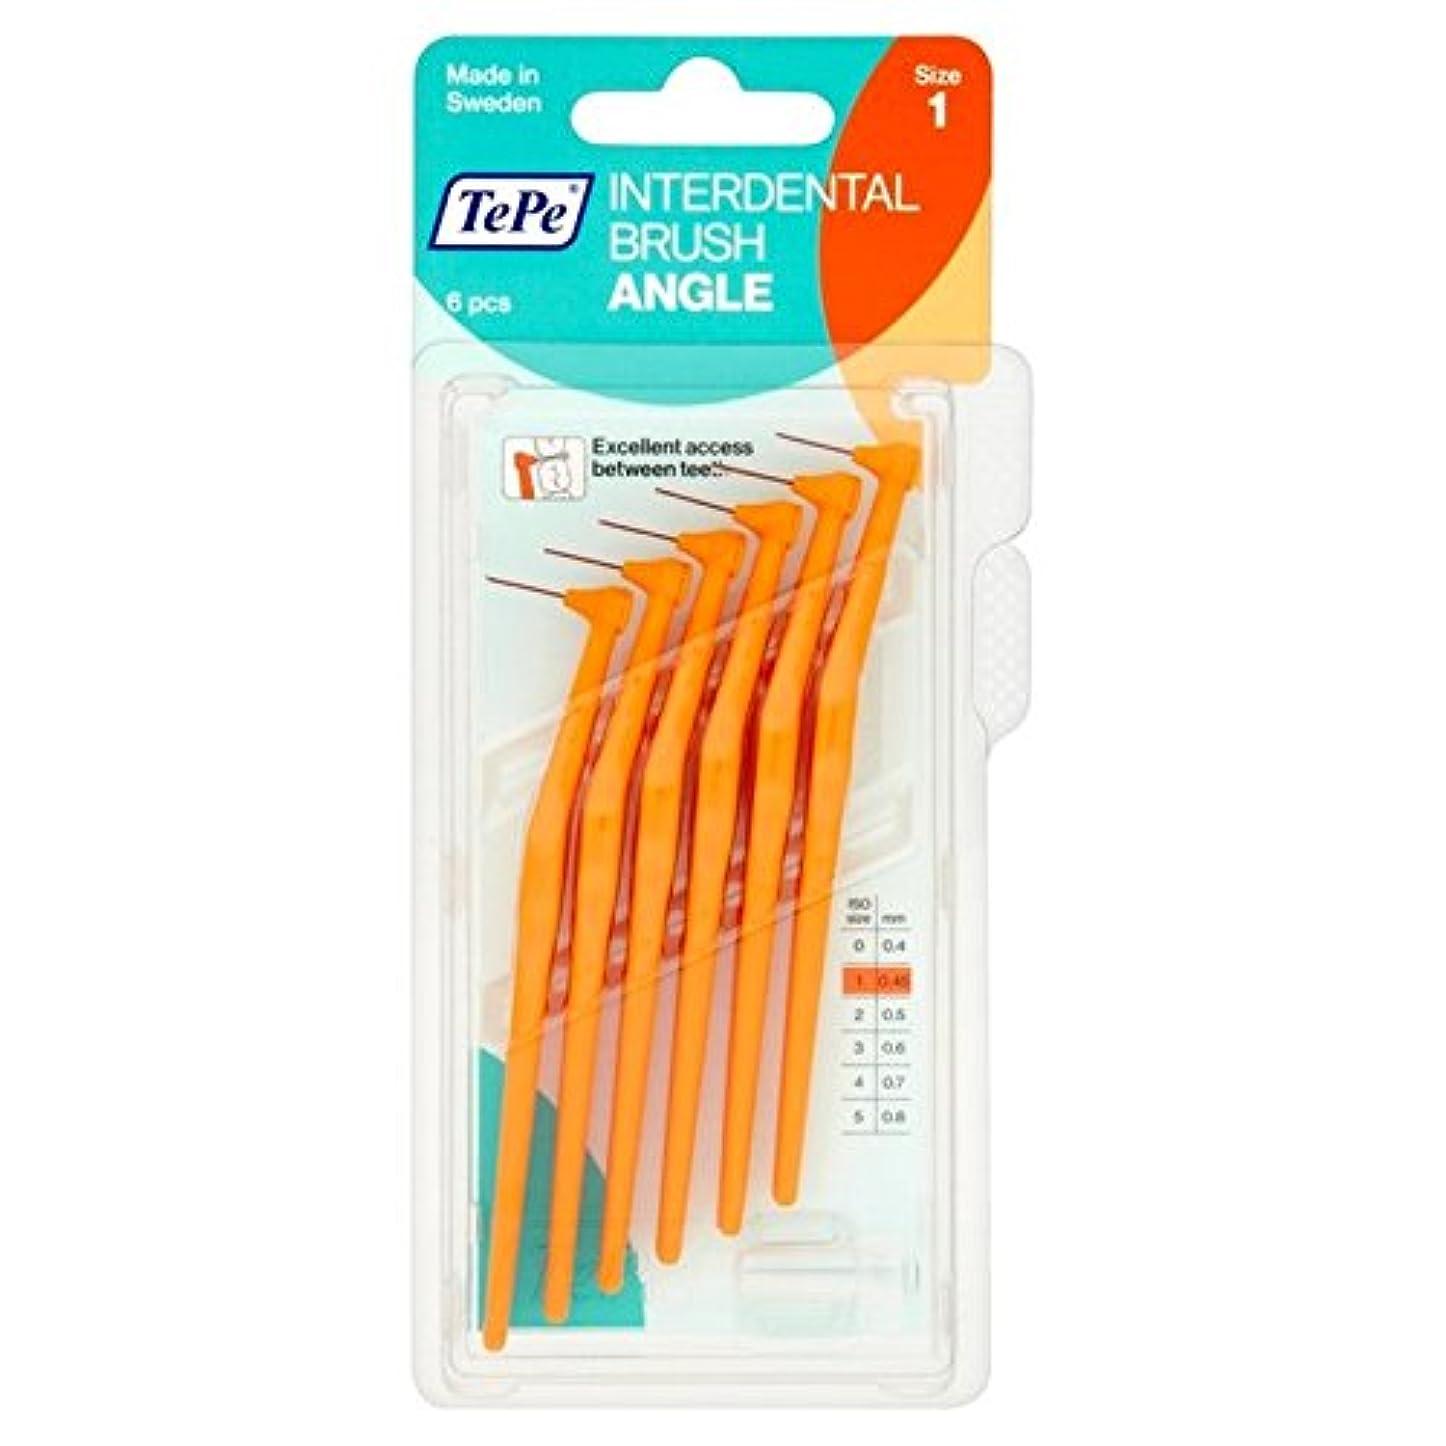 事前操縦するリンクテペ角パックあたりオレンジ0.45ミリメートル6 x2 - TePe Angle Orange 0.45mm 6 per pack (Pack of 2) [並行輸入品]